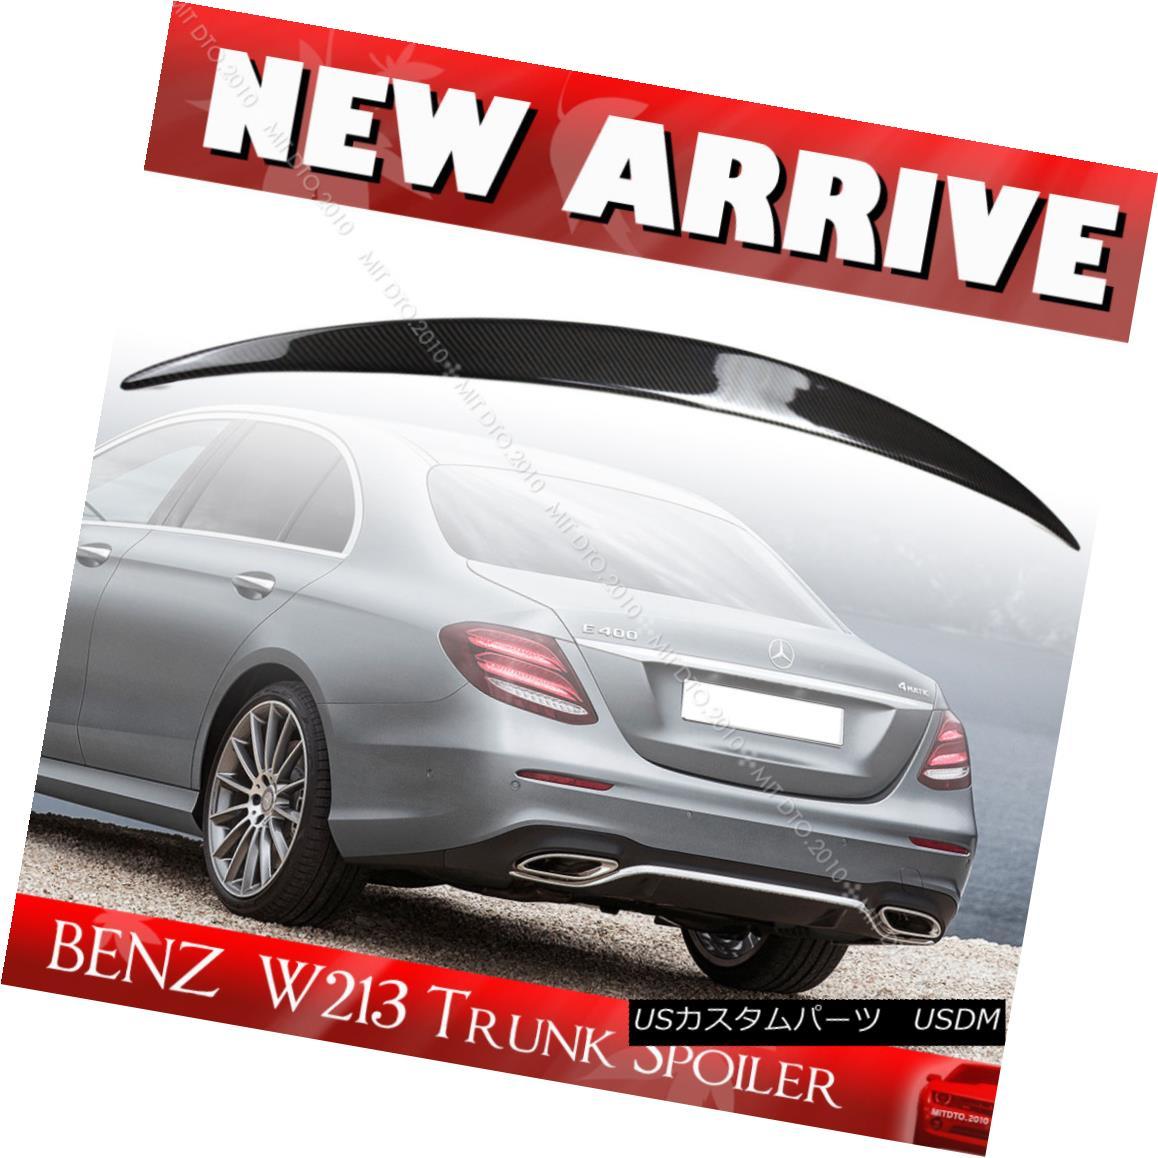 エアロパーツ Carbon OE Type Trunk Spoiler Mercedes BENZ E-Class W213 4D Sedan E400 E200 17-18 カーボンOEタイプのトランク・スポイラーメルセデス・ベンツEクラスW213 4DセダンE400 E200 17-18